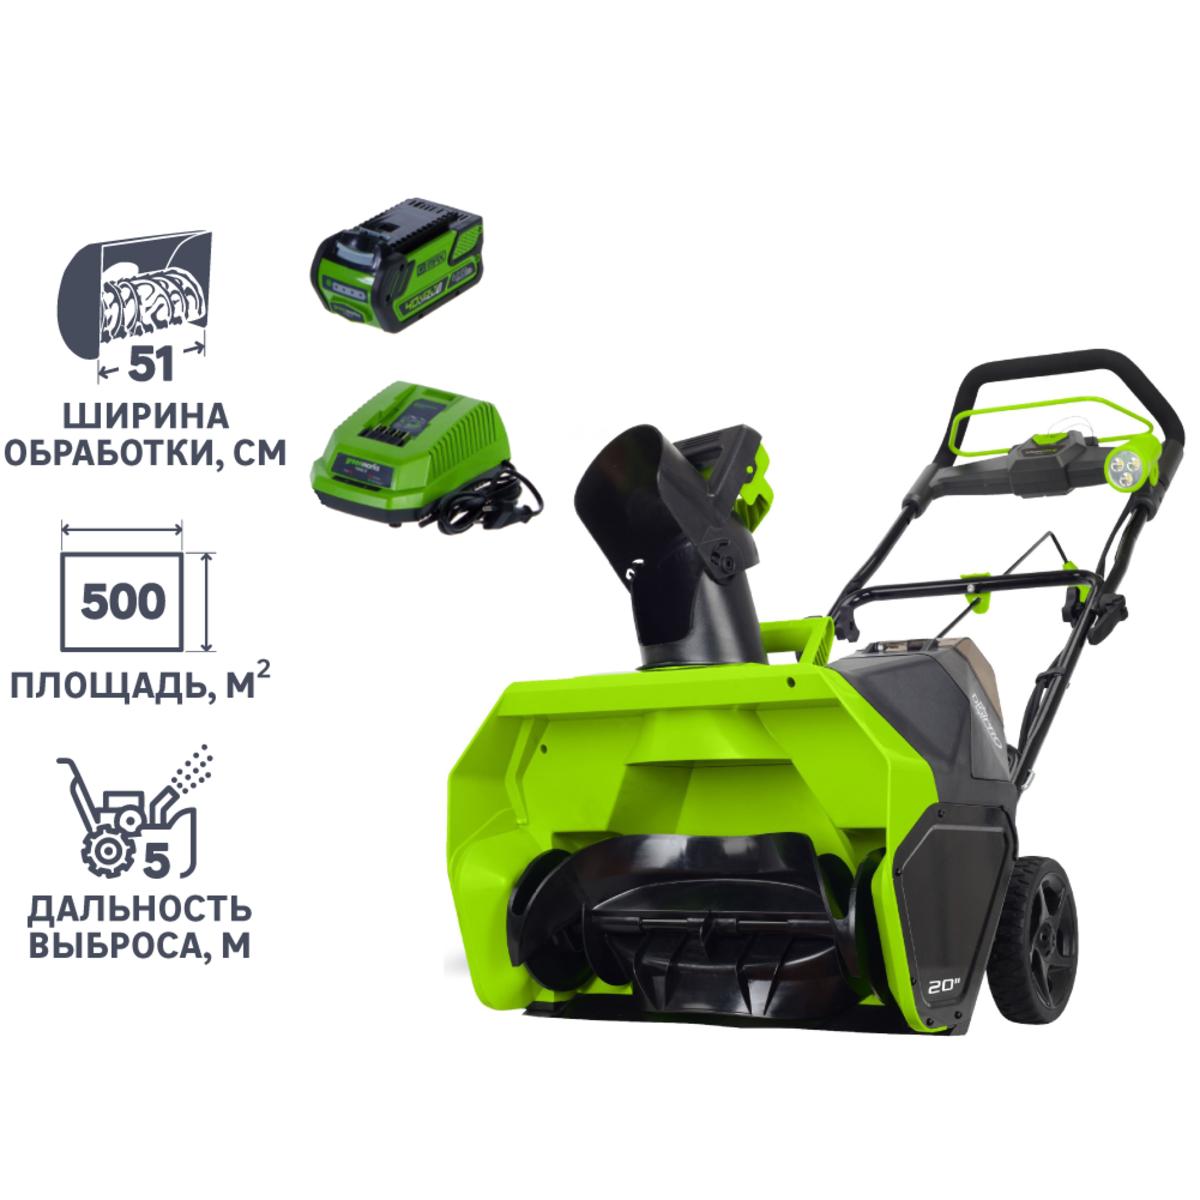 Снегоуборщик аккумуляторный GreenWorks 40 В 4 Ah 51 см.(ЗУ в комплекте)